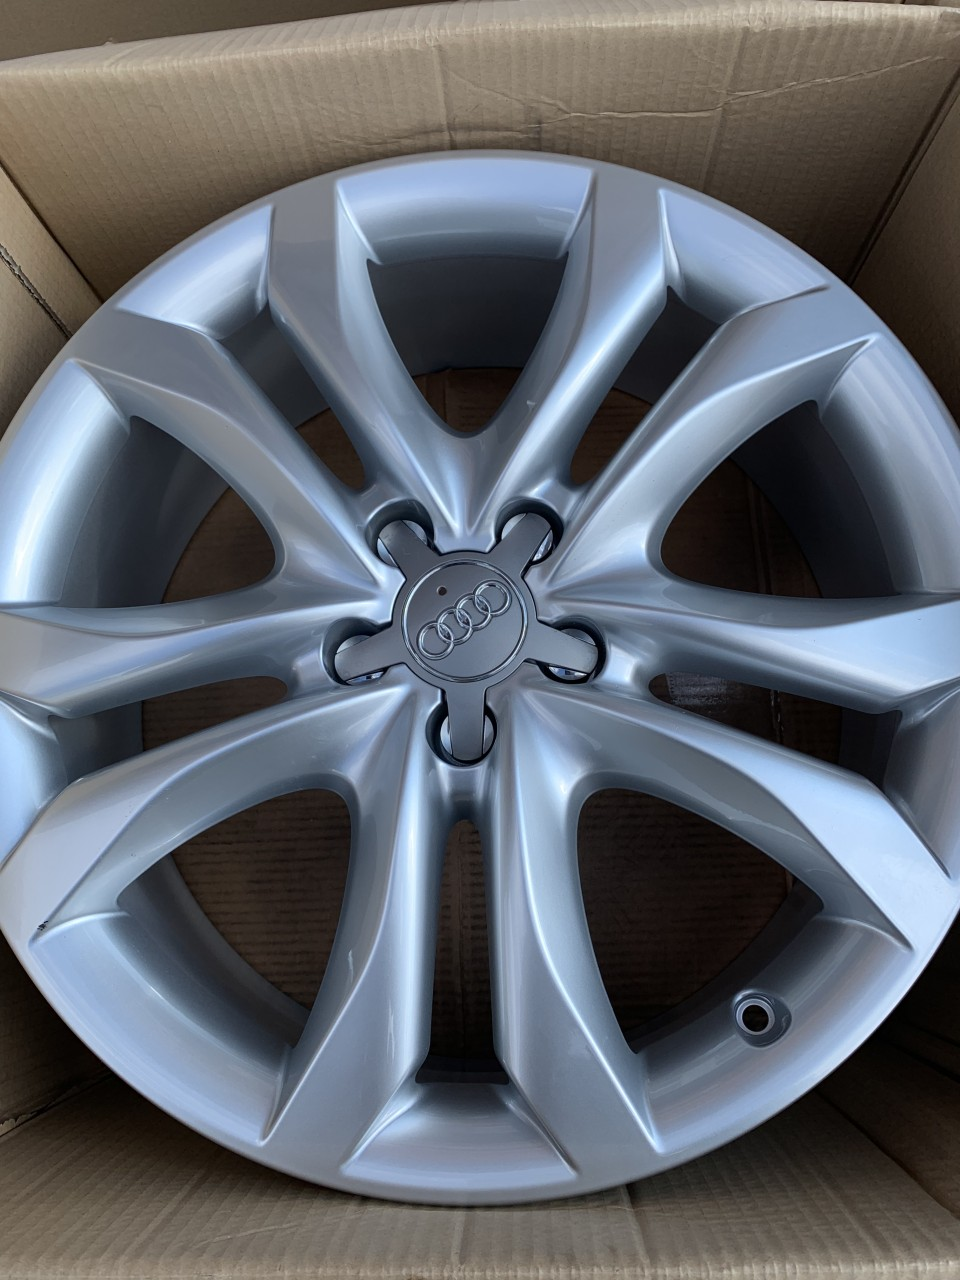 Jante Audi Q3 : v nd jante aliaj originale audi q5 q3 a4 a5 a6 a7 noi pe 19 39598345 ~ Dode.kayakingforconservation.com Idées de Décoration